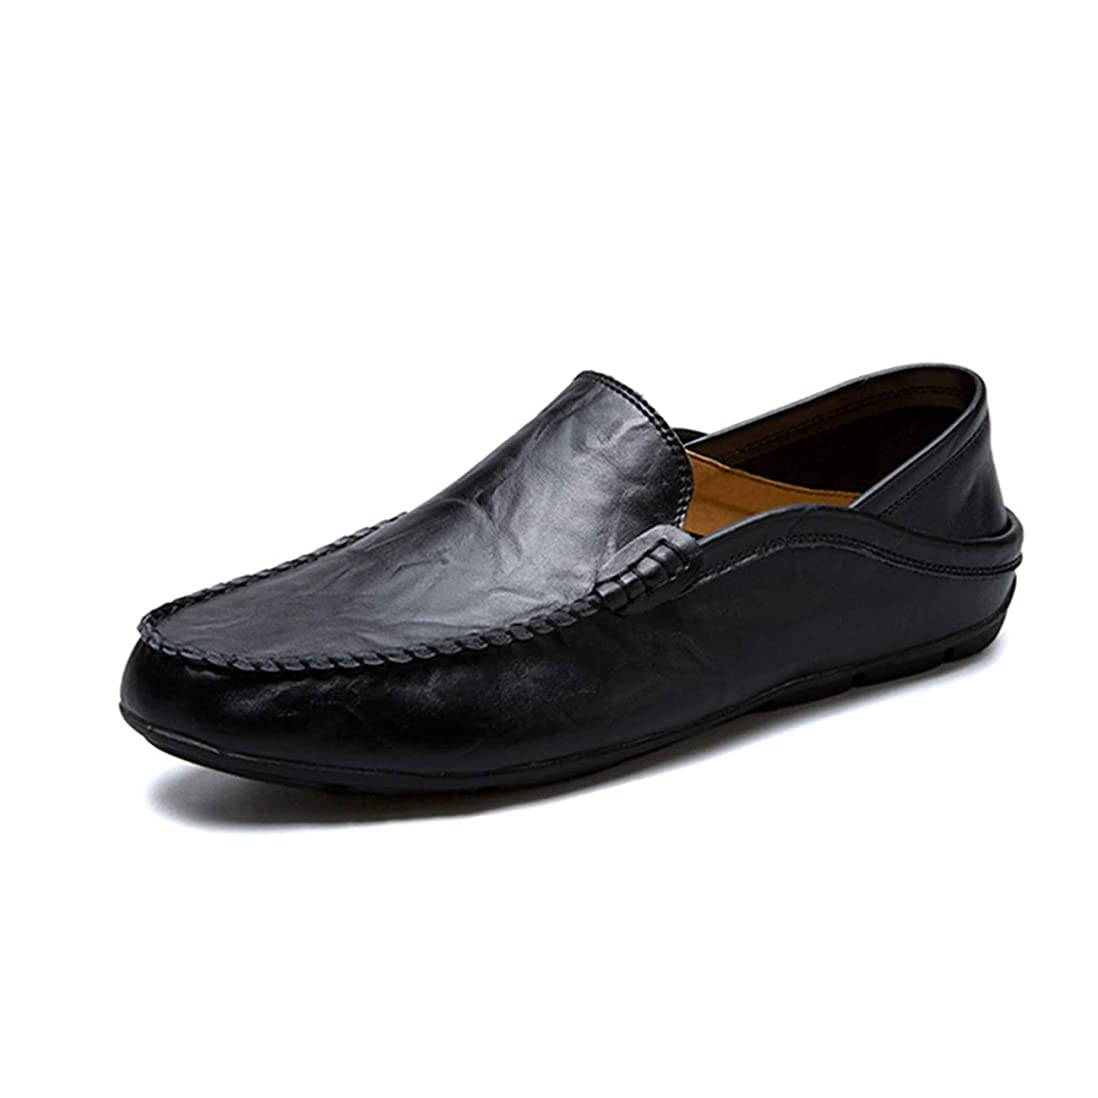 ミル周波数ナンセンスメンズ 靴 ドライビングシューズ ローファー スリッポン ビジネスシューズ 軽量 モカシン シューズ かかと踏める 革靴 紳士靴 カジュアル デッキシューズ 2way履き方 大きなサイズ